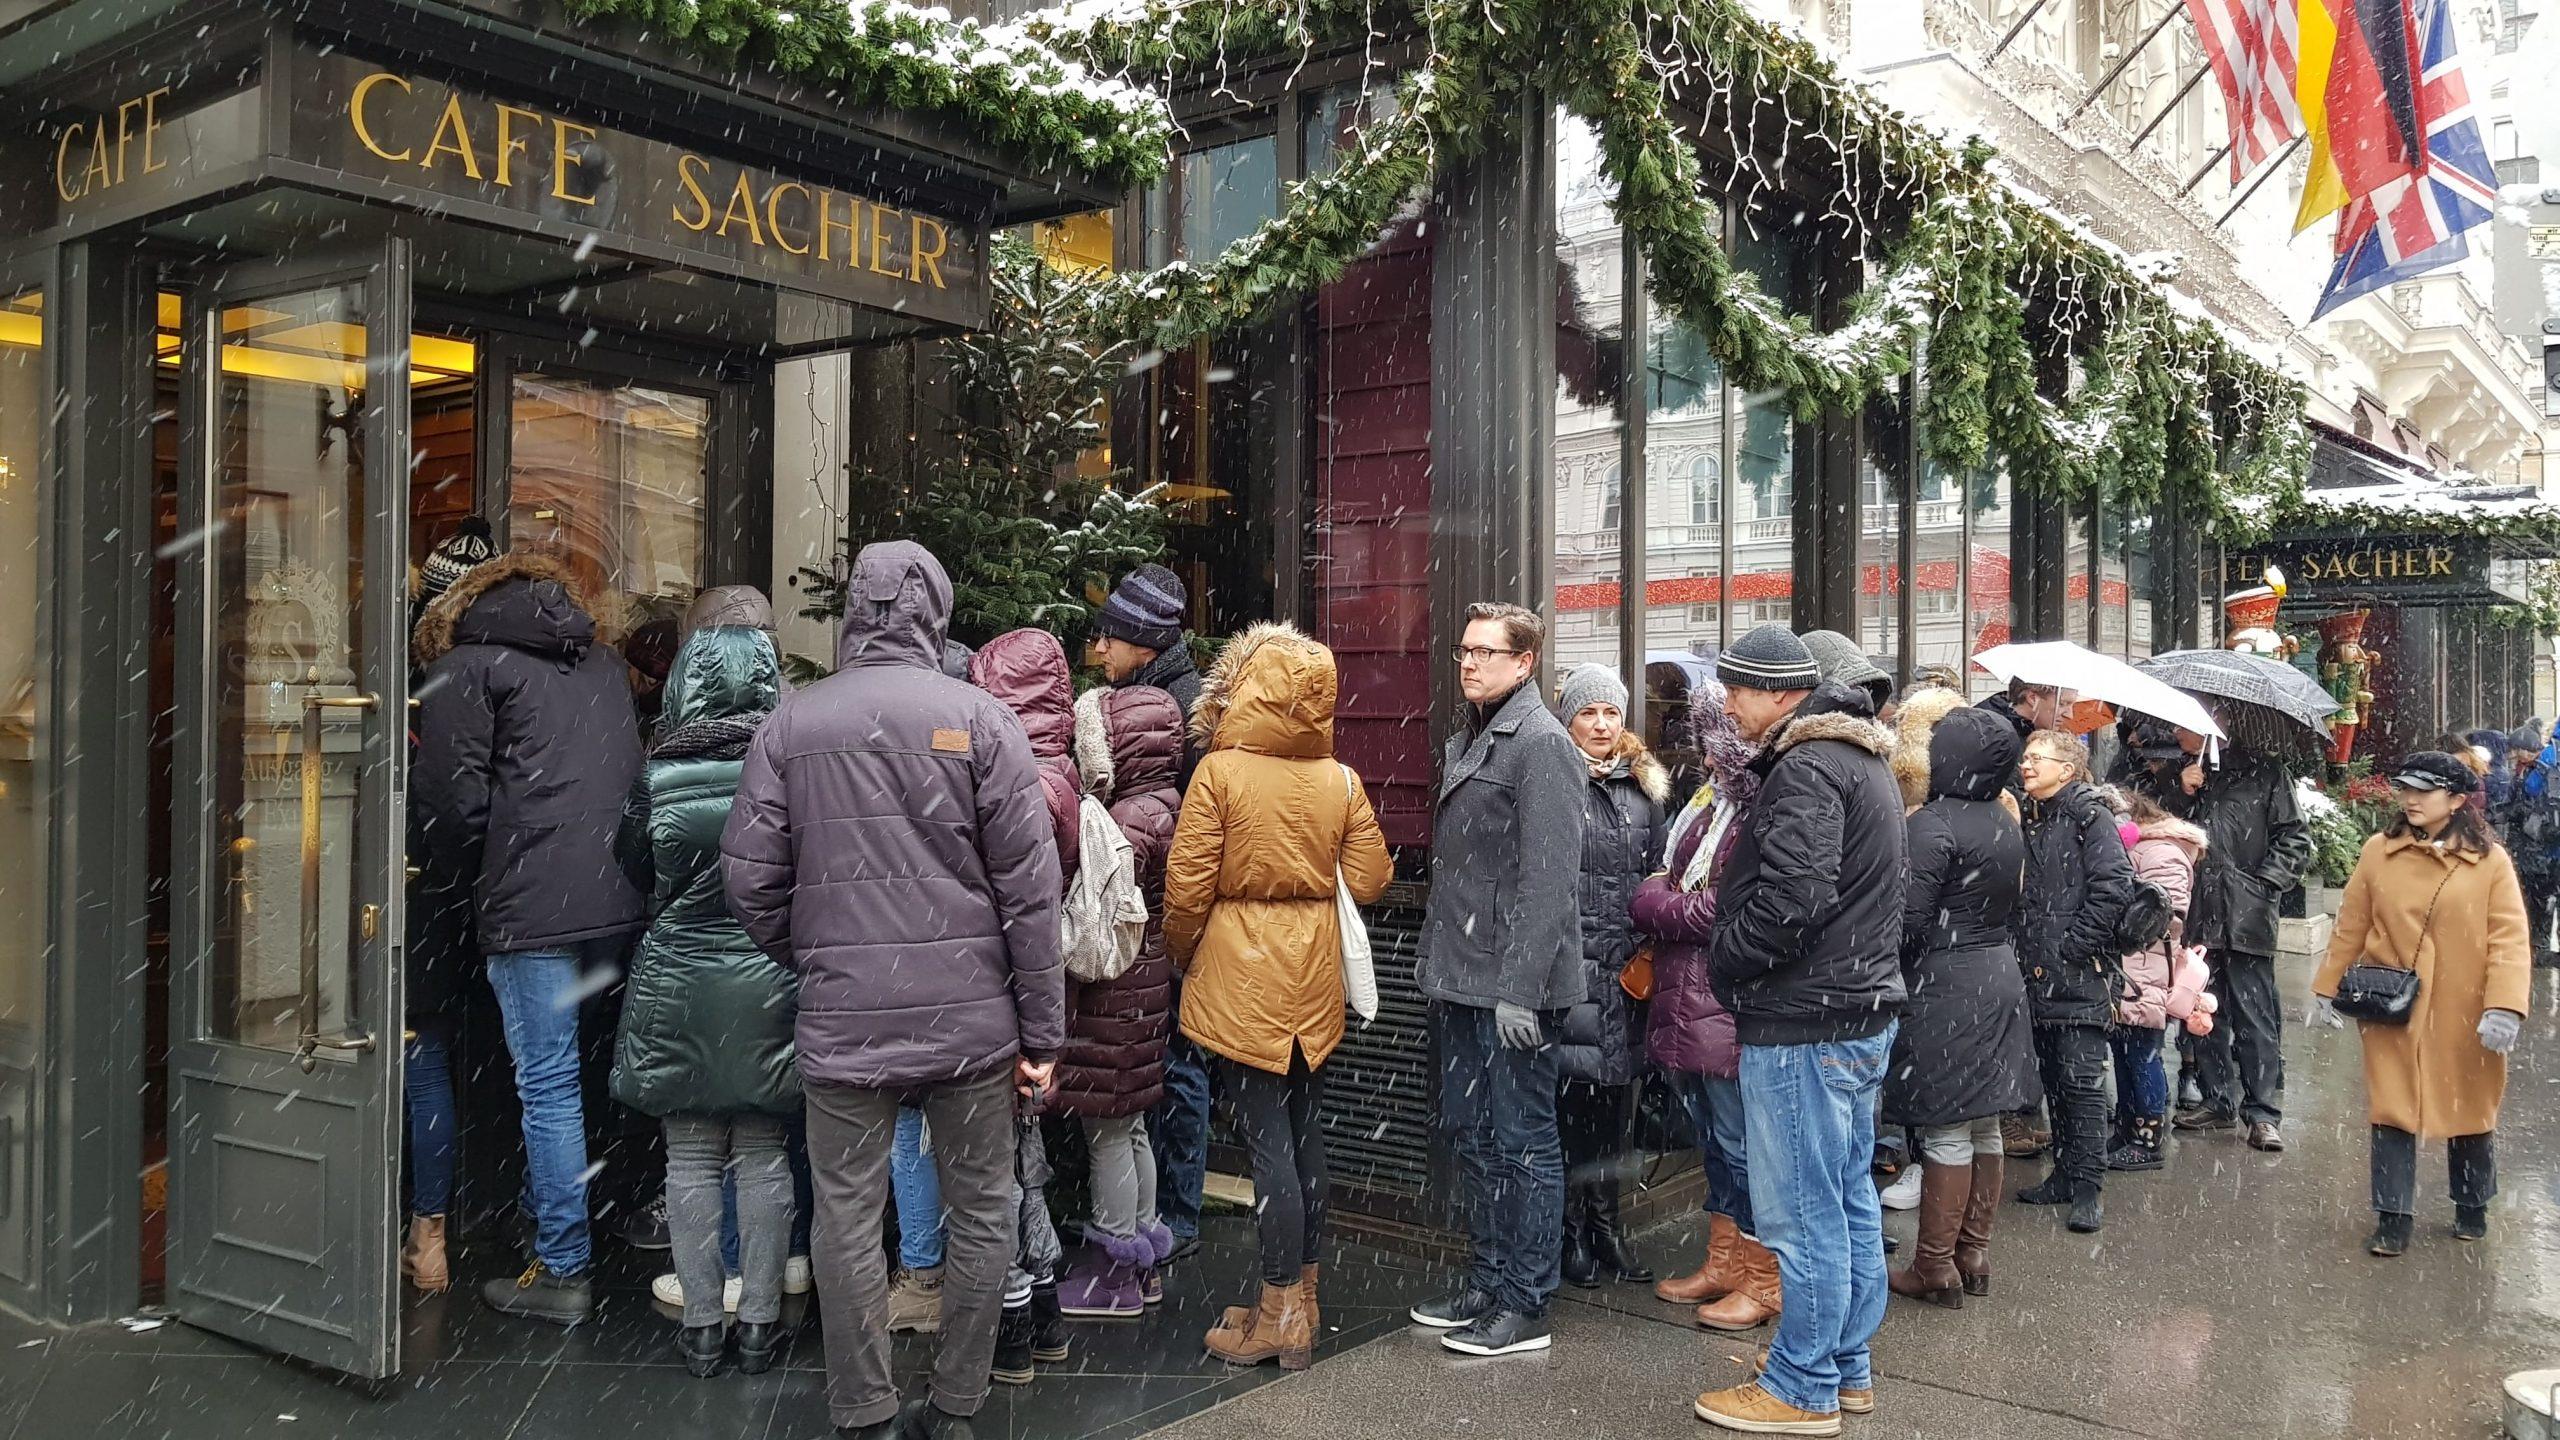 Gente haciendo cola para entrar al Café Sacher de Viena